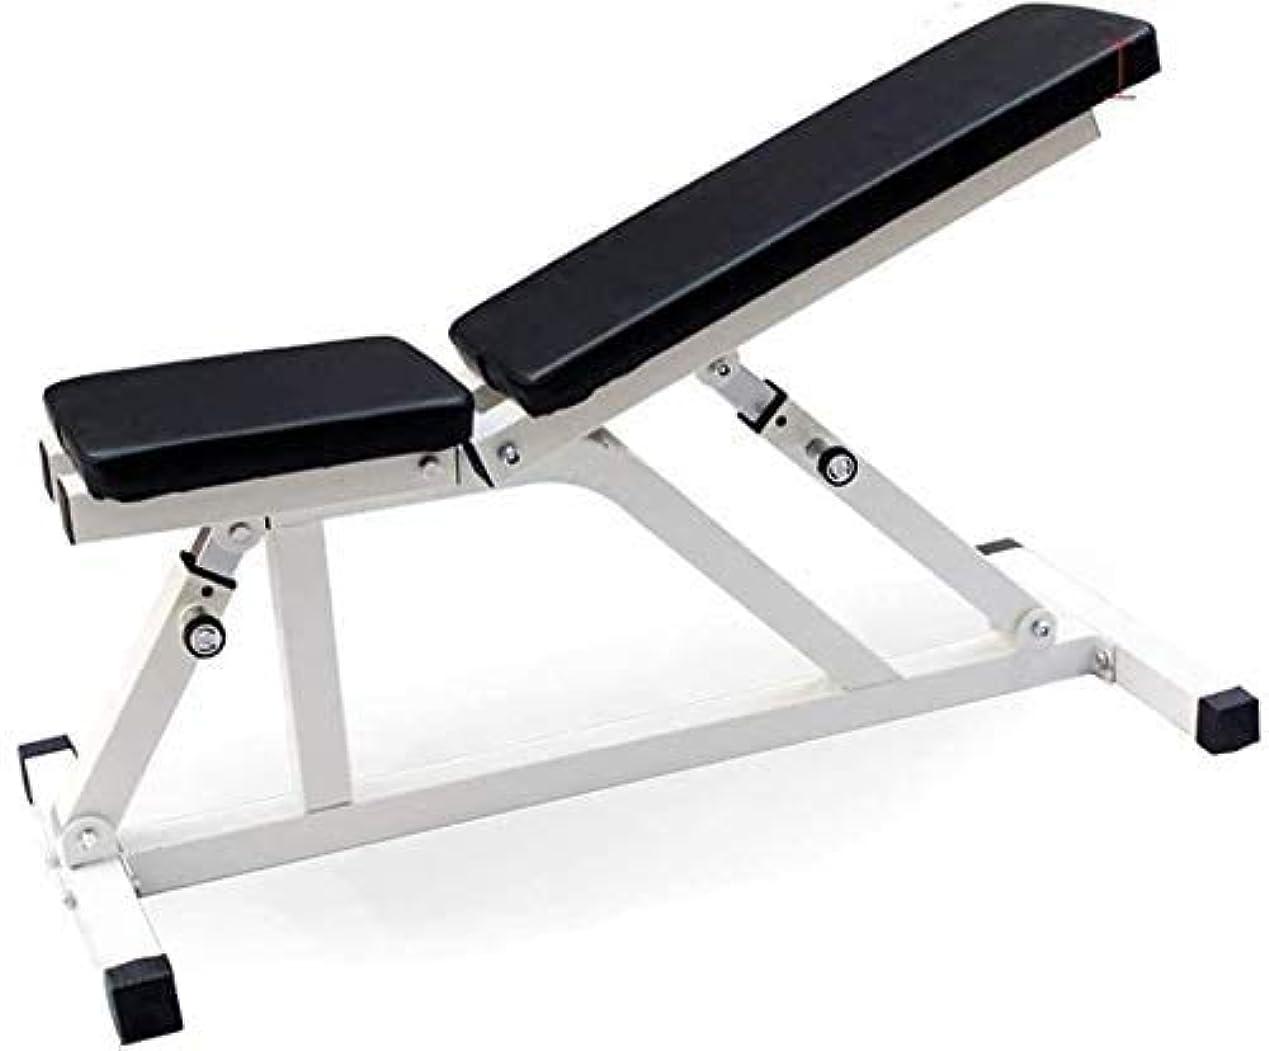 失業完全に三HSBAIS 調整可能 ウエイトベンチ、多目的 座って 筋力トレーニング フィットネススツール 全身運動,Black_120*43*40cm